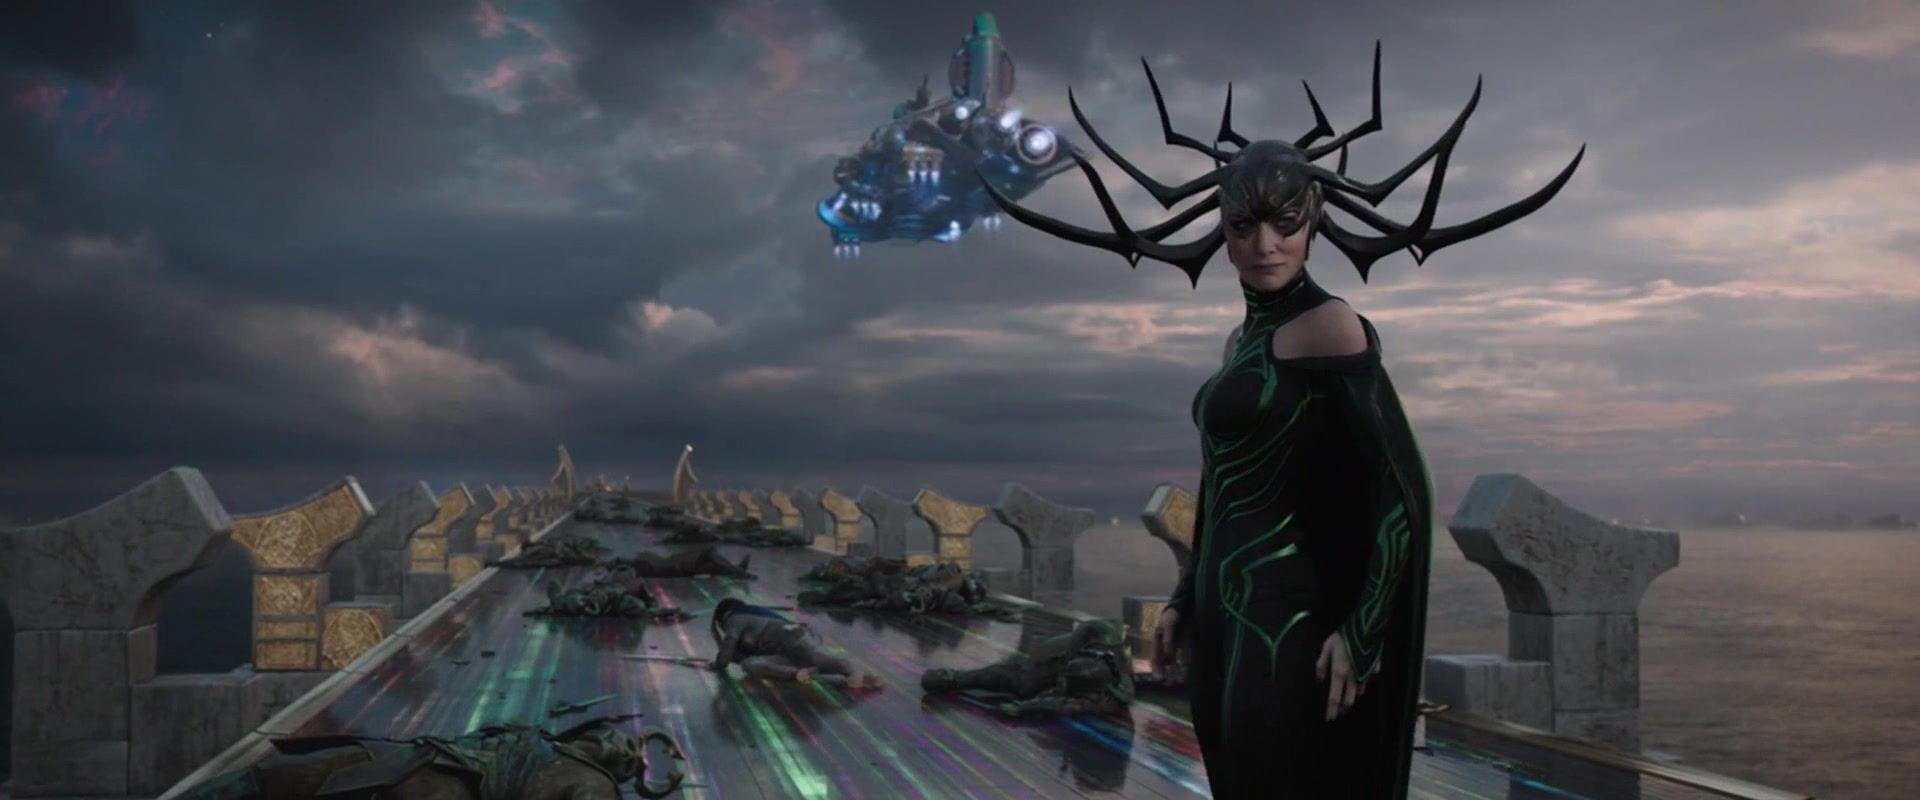 Image For Thor Ragnarok Fancaps Net Marvel Hela Thor Marvel